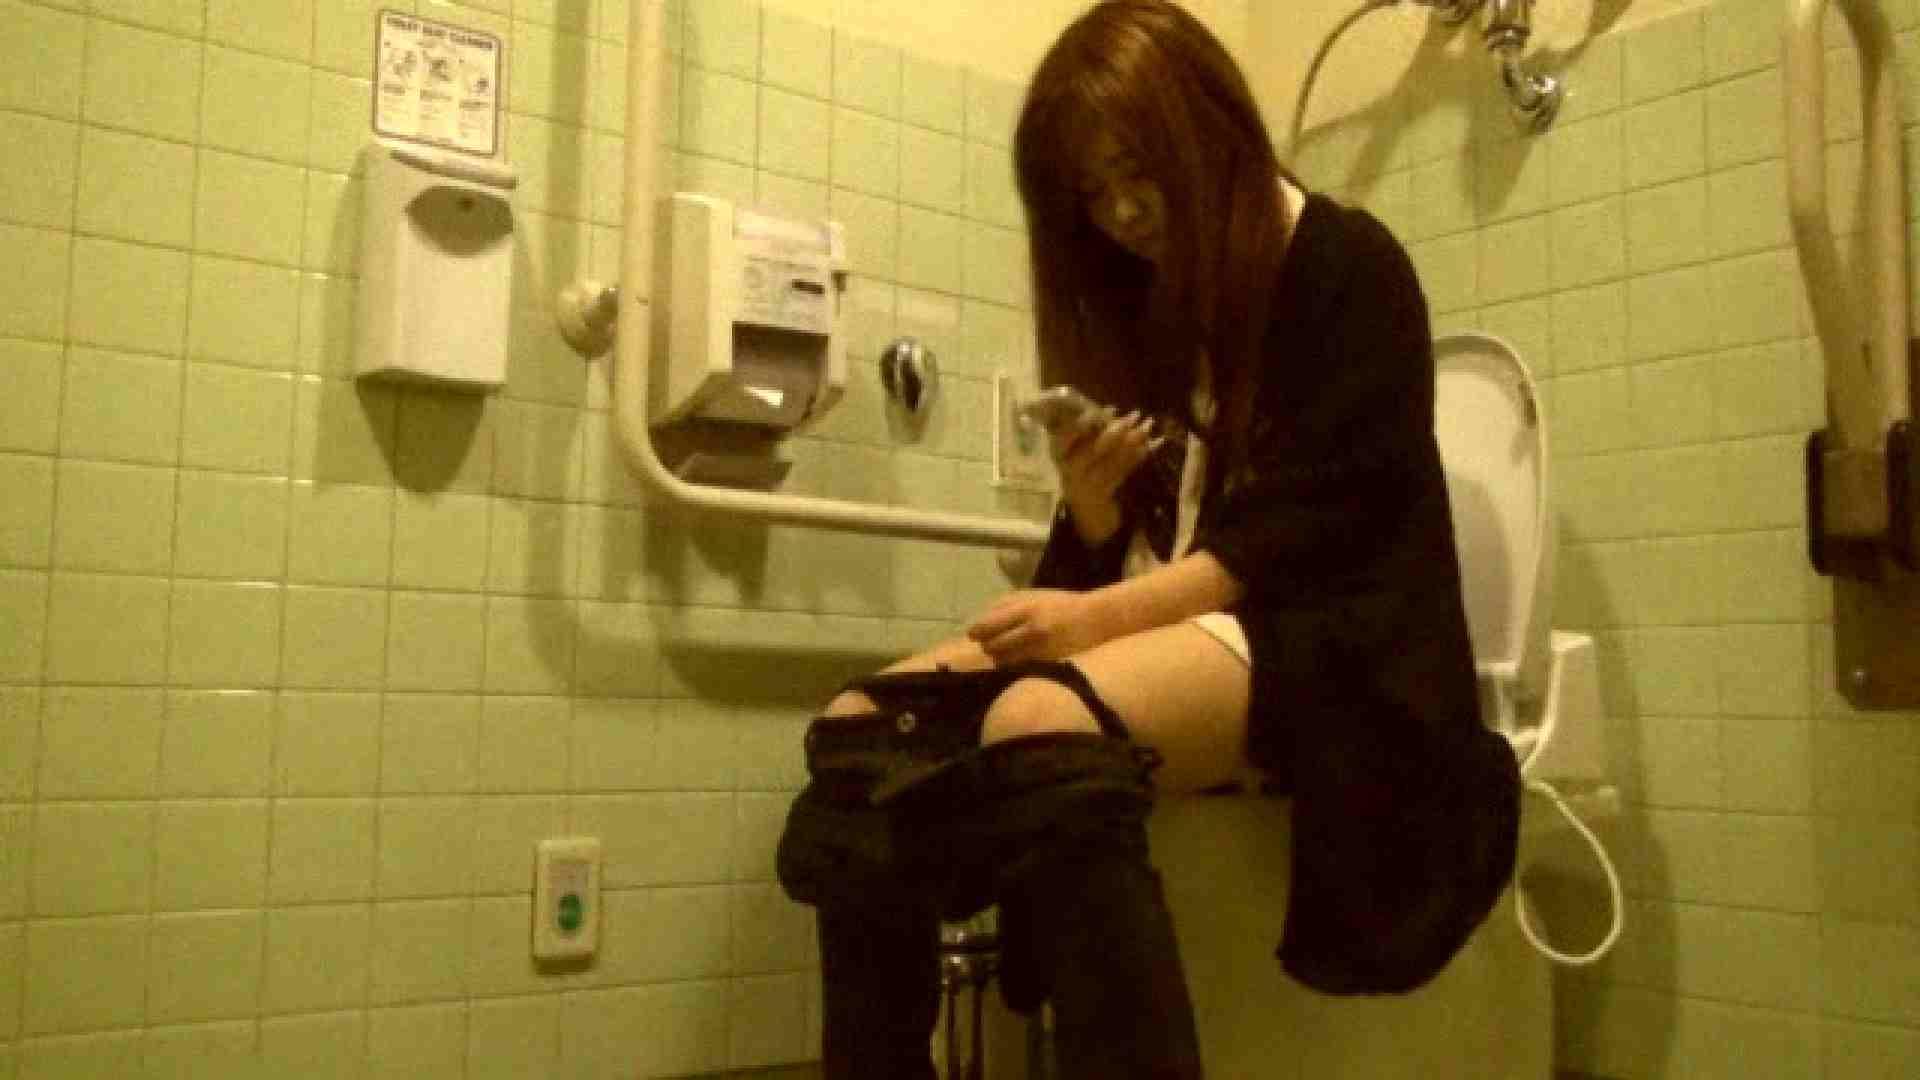 魔術師の お・も・て・な・し vol.26 19歳のバーの店員さんの洗面所をしばし… 洗面所  60枚 44